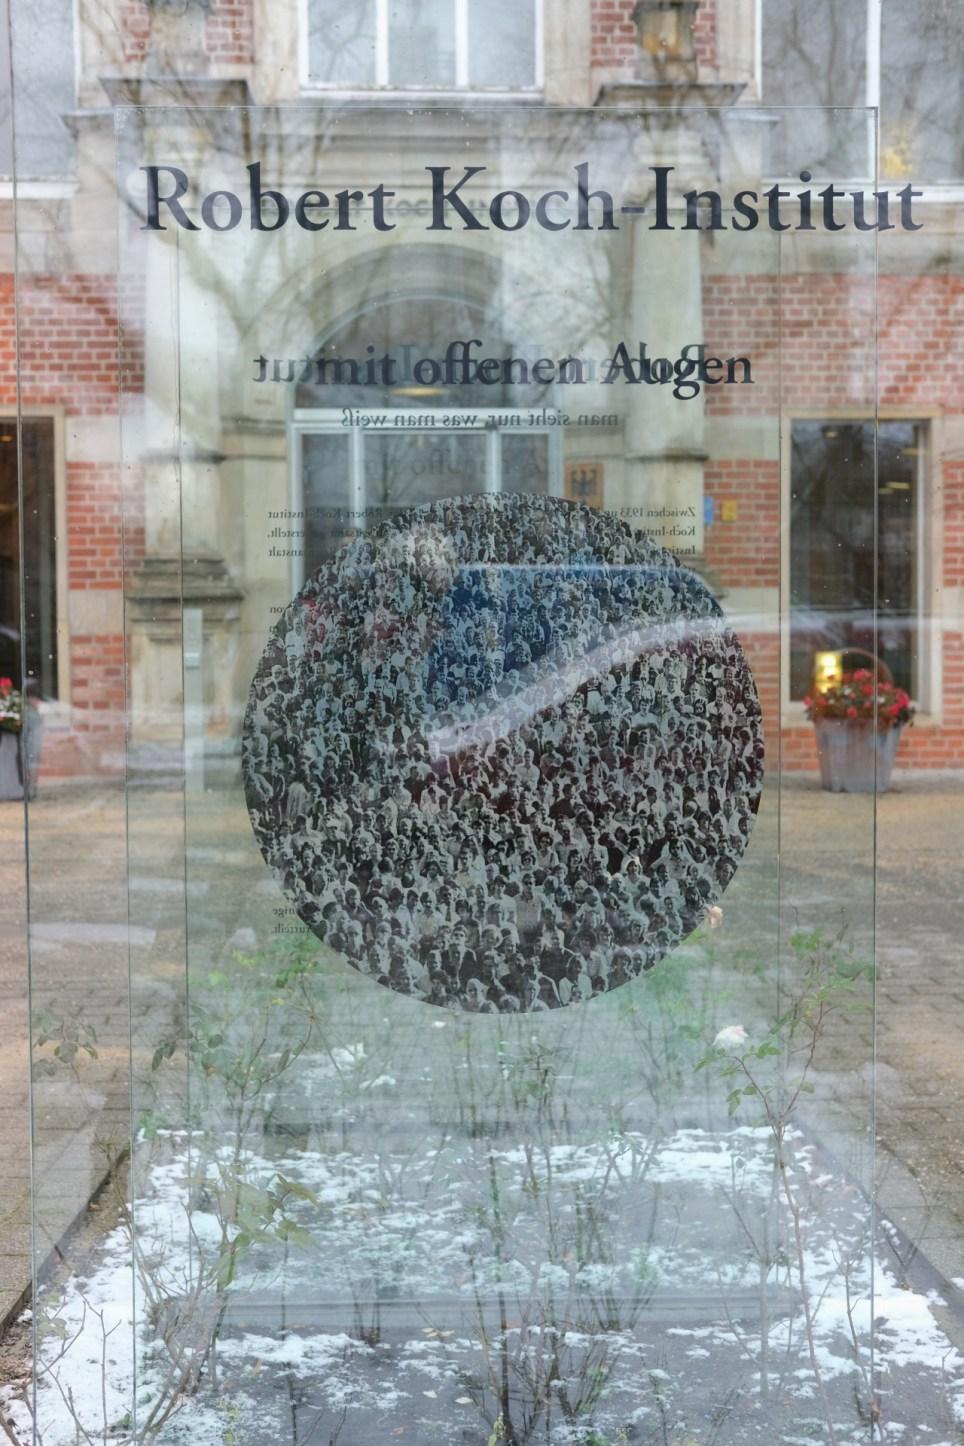 Entrada al Instituto Robert Koch en Berlín. EFE/EPA/Christian Marquardt